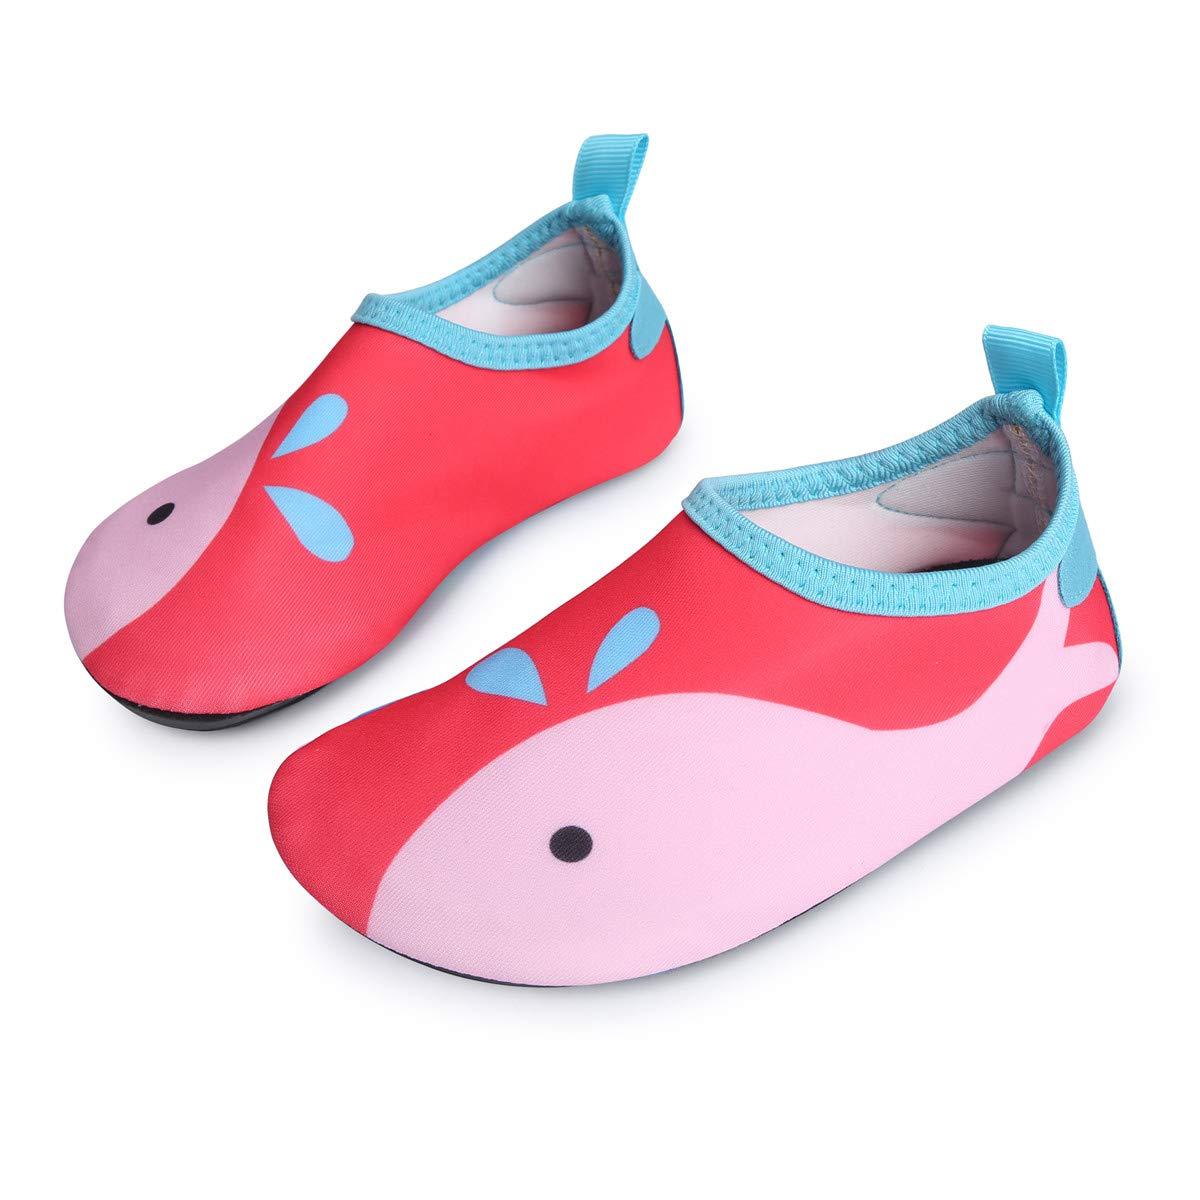 L-RUN Kids Swim Shoes Boys Girls Barefoot Skin Water Shoes Aqua Sock Red 4-4.5=EU36-37